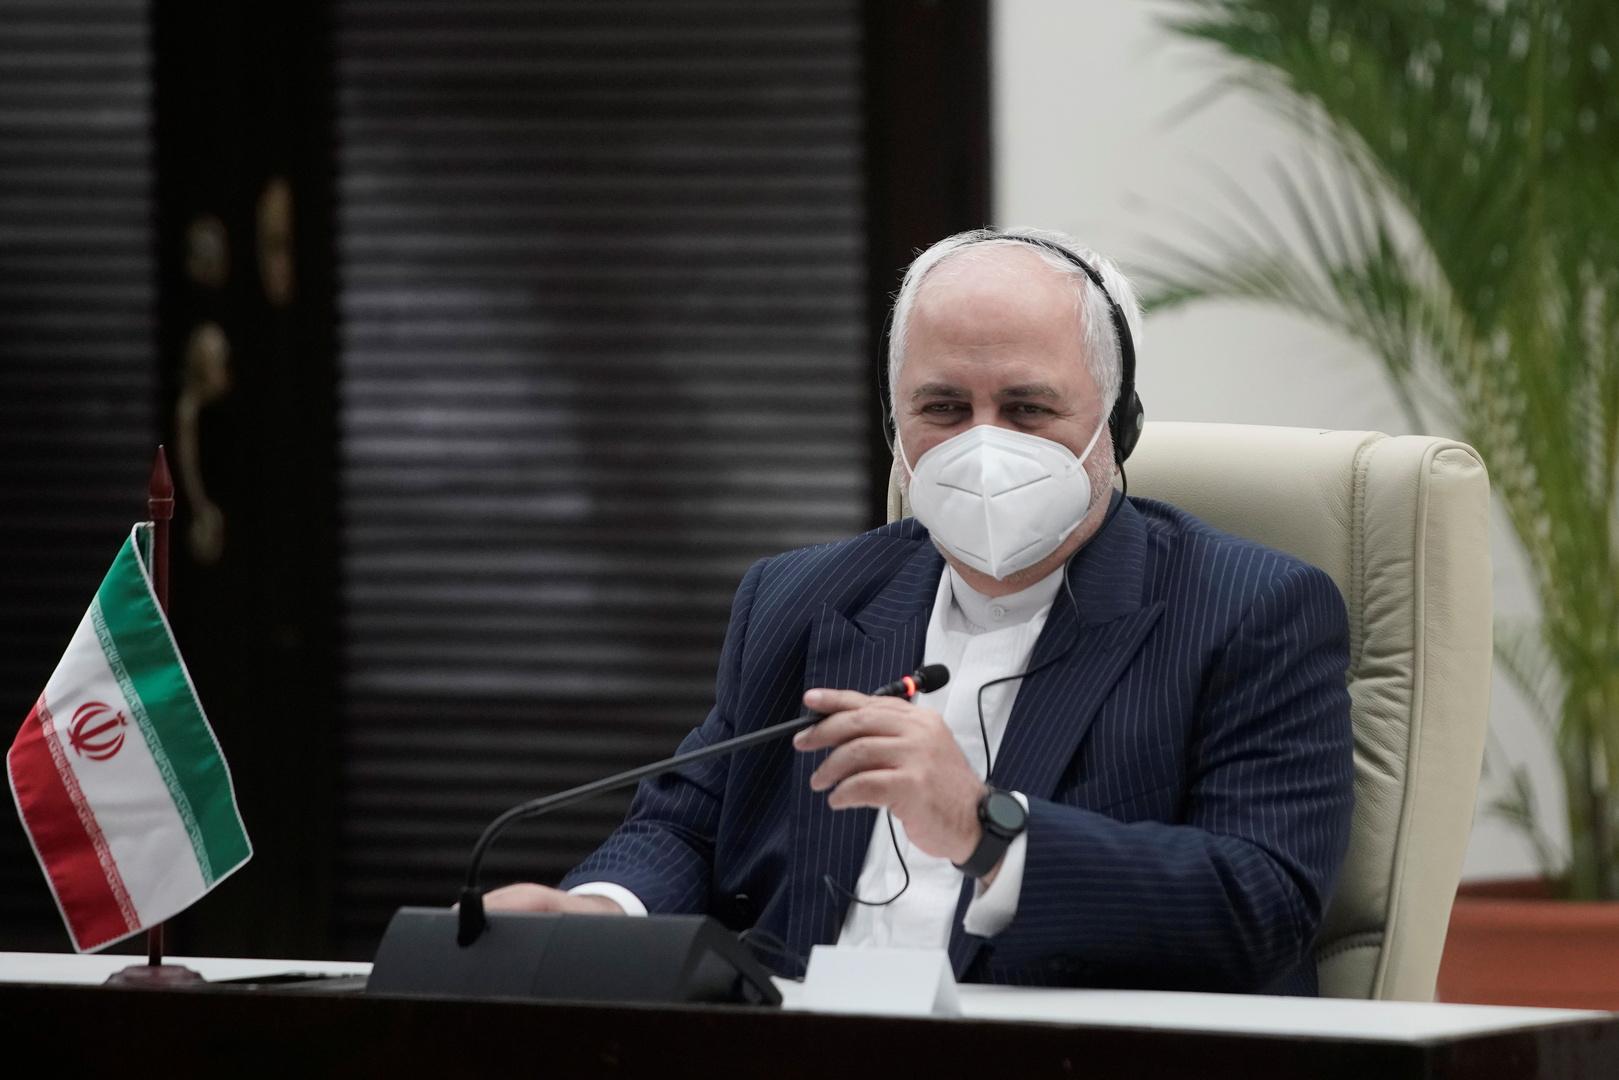 وزير الخارجية الإيراني: ليس لدينا ما نخفيه في منشآتنا النووية ولا نسعى لانتهاك الاتفاق النووي